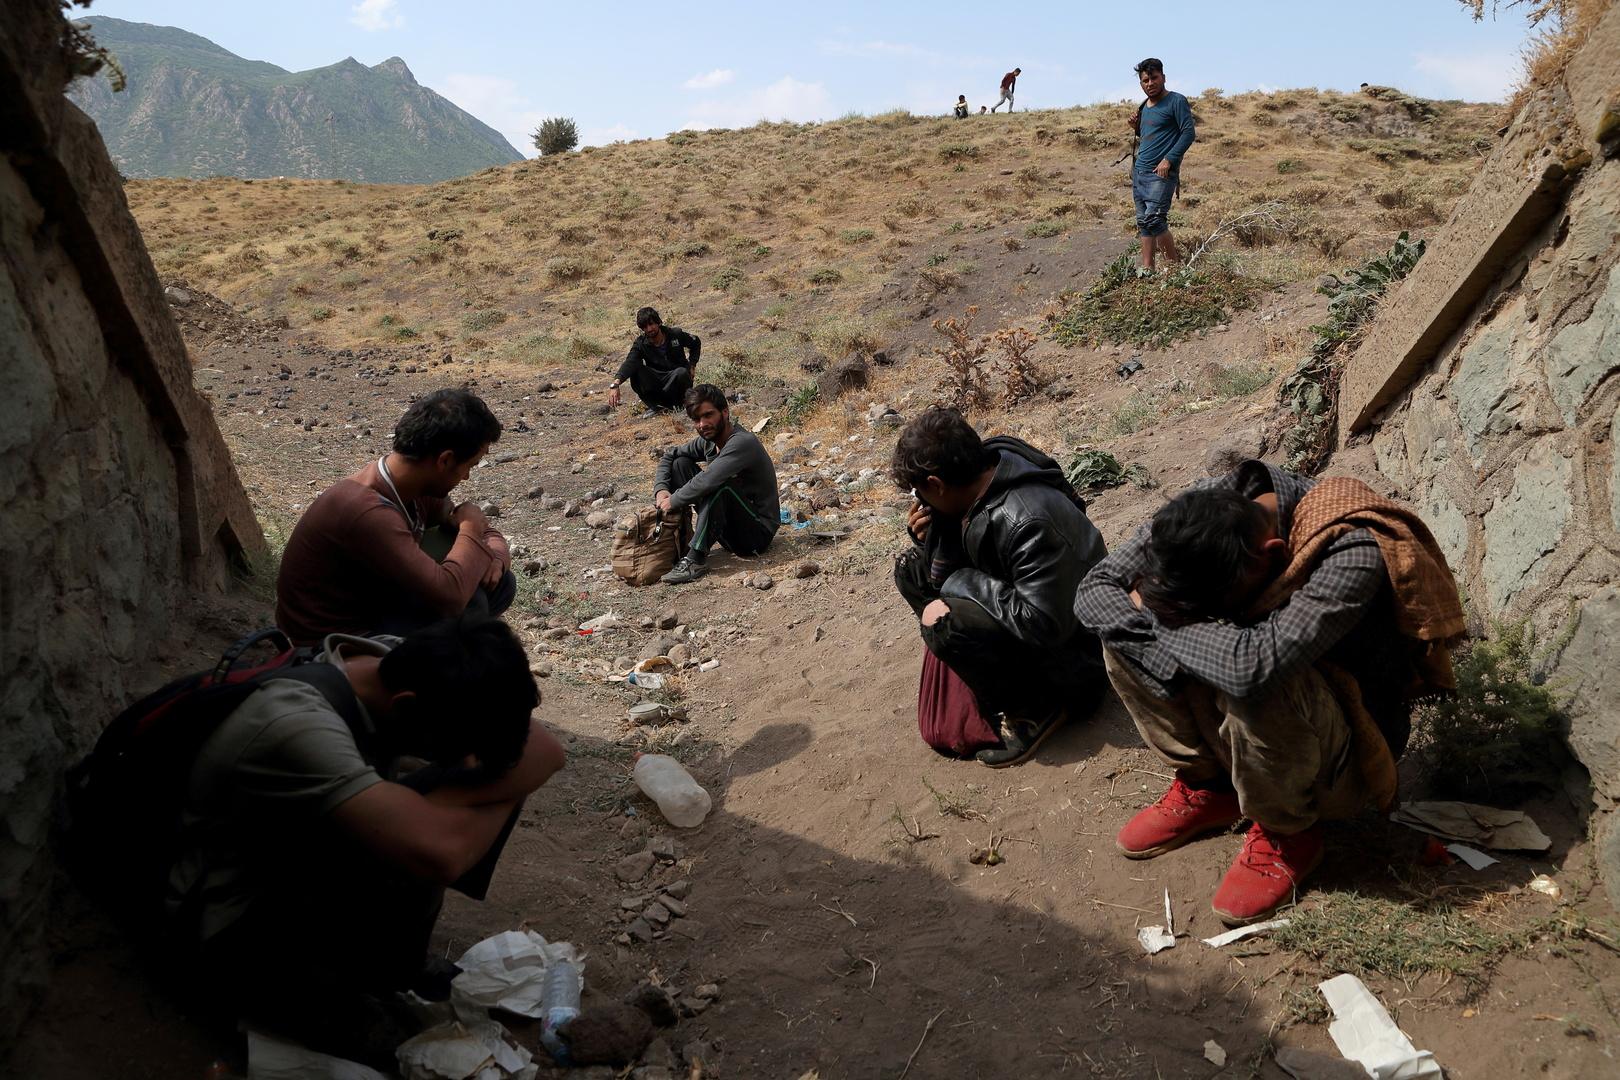 تركيا تعلن عن ضبط أكثر من 40 ألف مهاجر أفغاني غير نظامي دخلوا البلاد